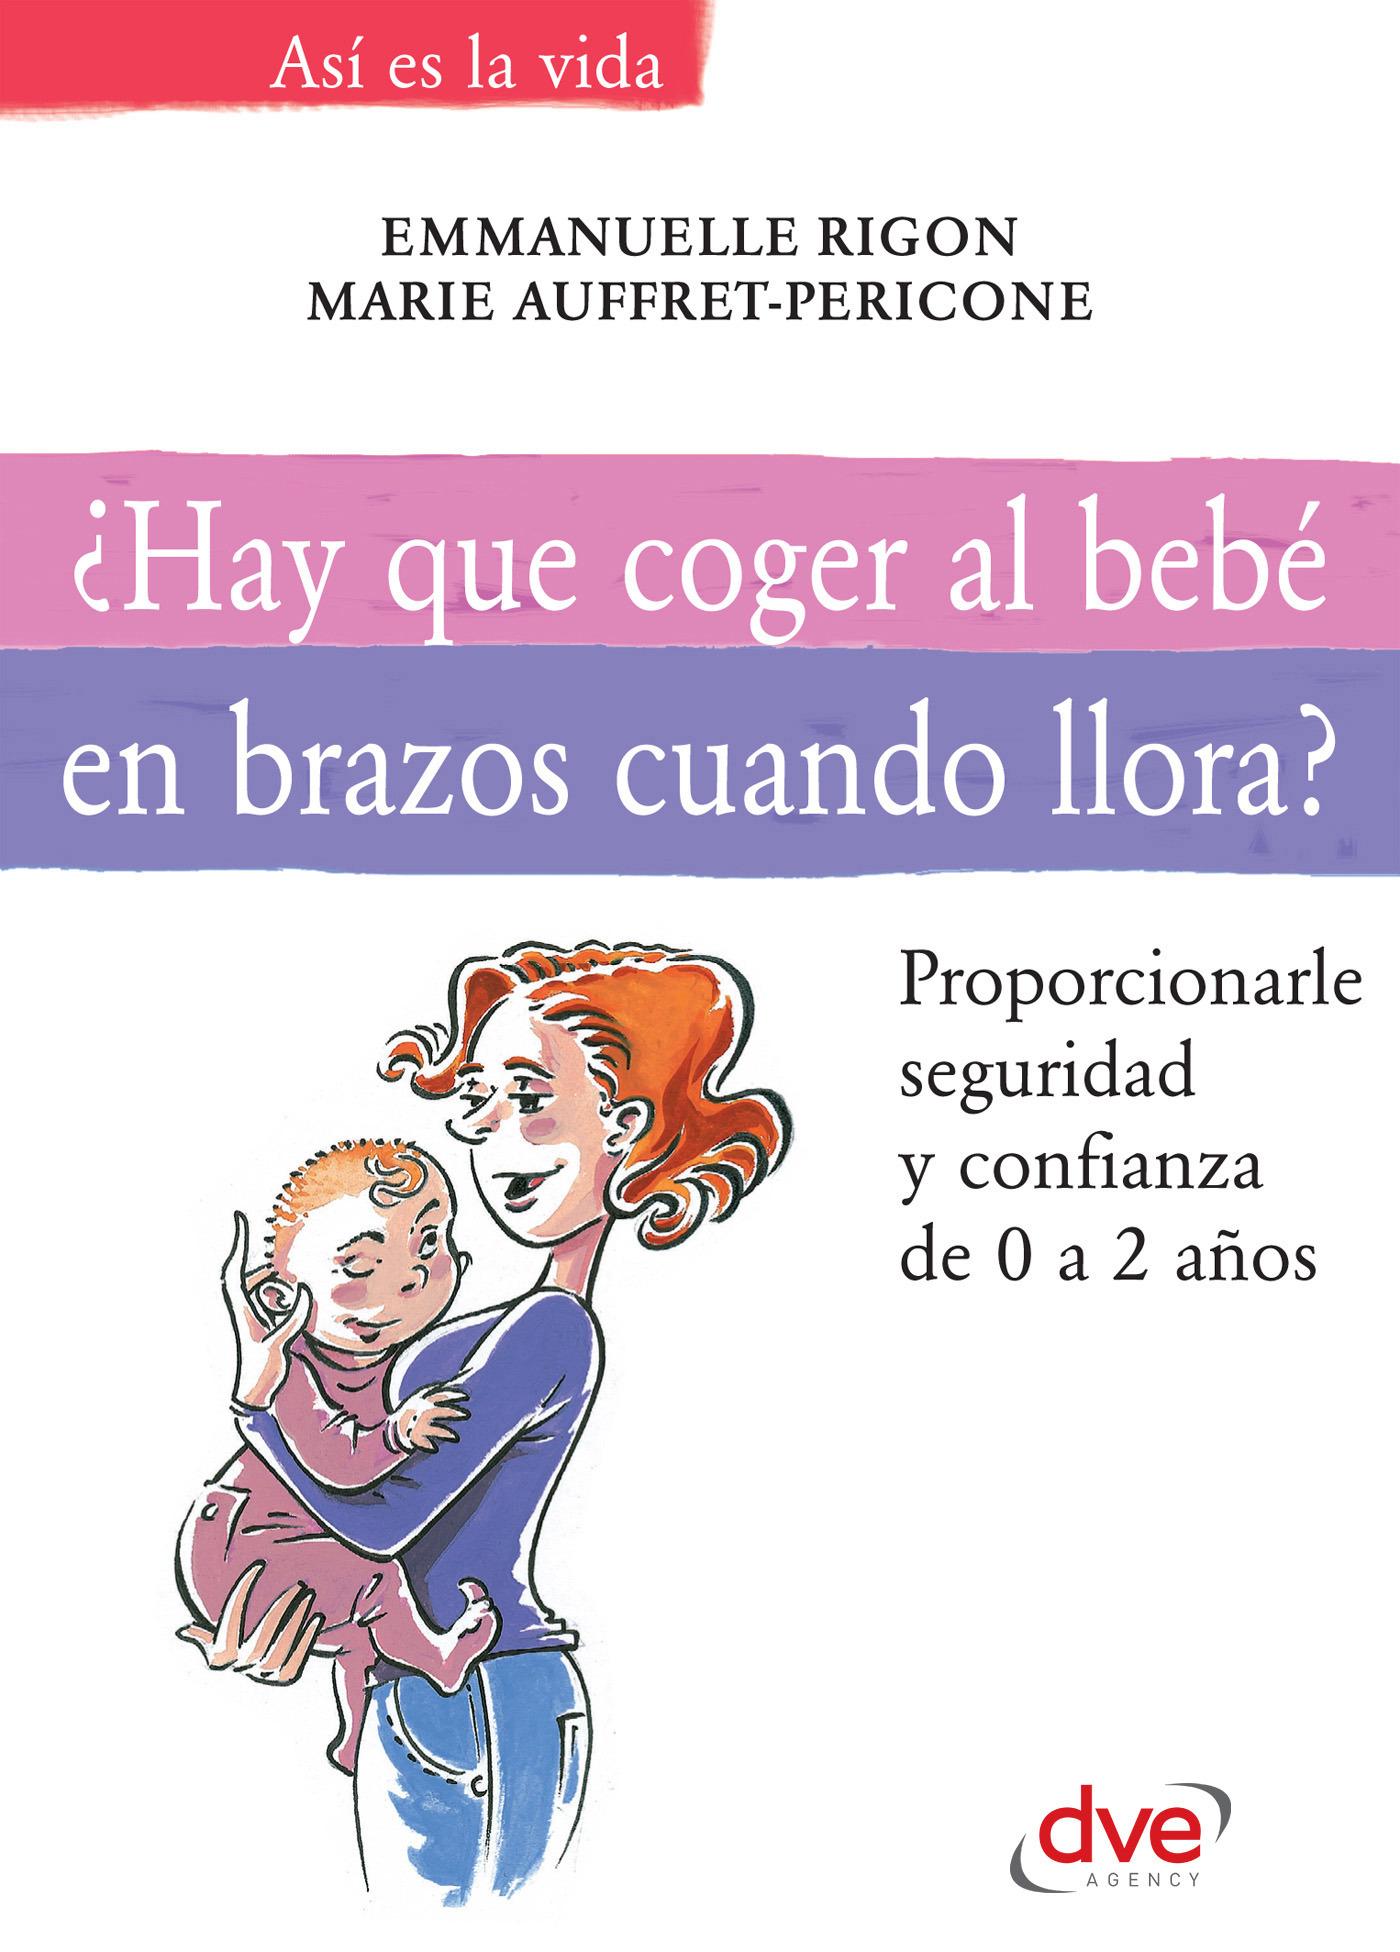 Auffret-Pericone, Marie - ¿Hay que coger al bebé en brazos cuando llora?, ebook